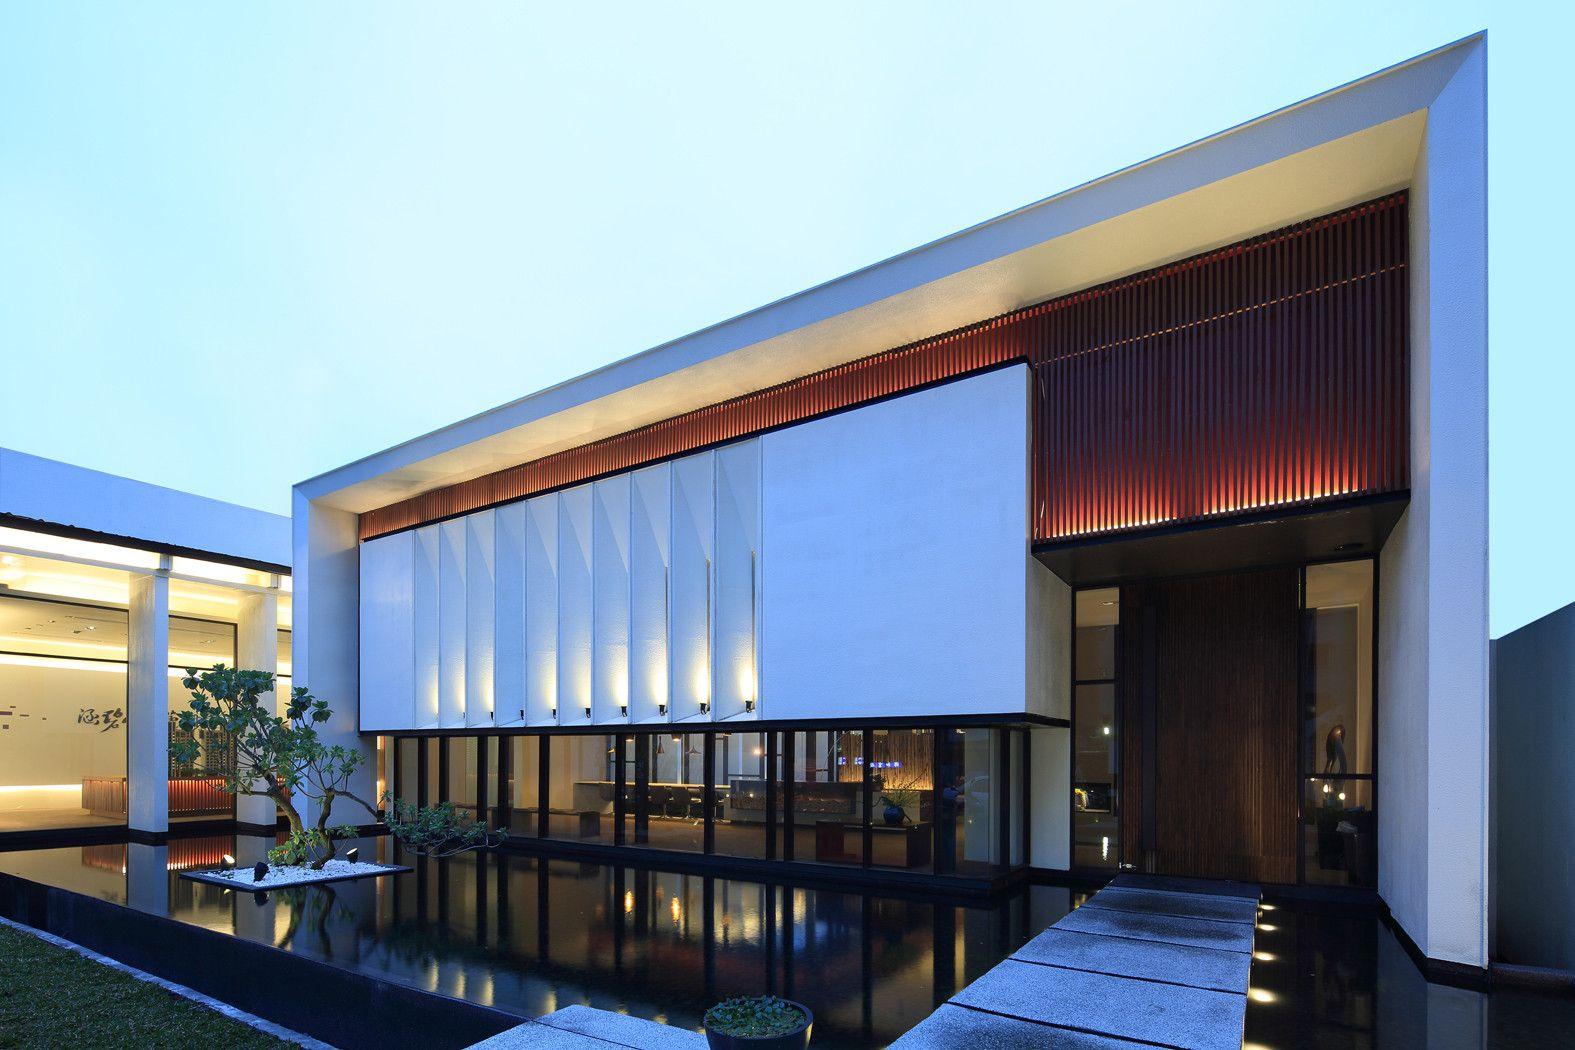 gallery of exquisite minimalist / arcadian architecture + design